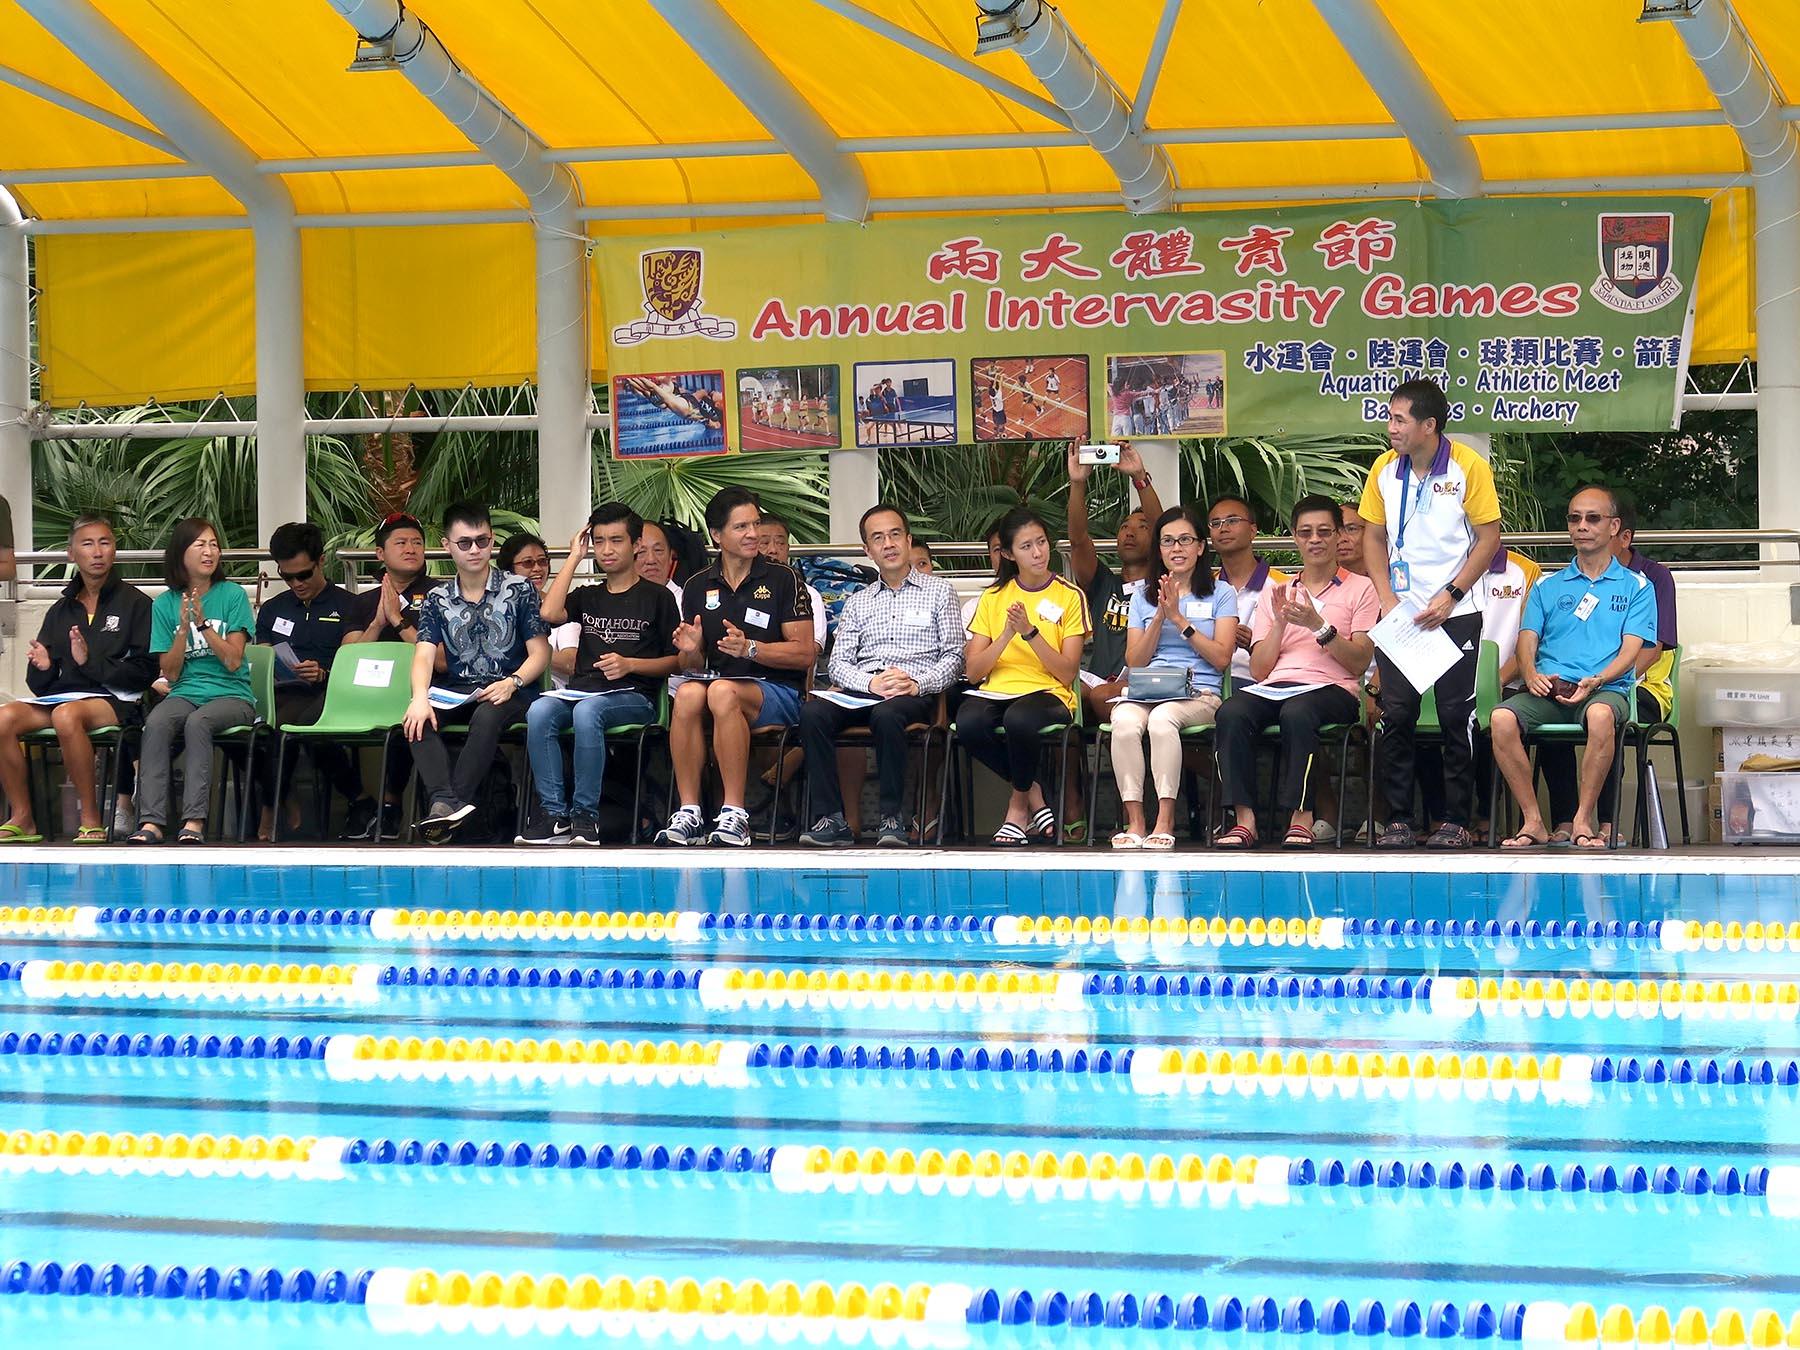 第40届两大体育节 - 水运会